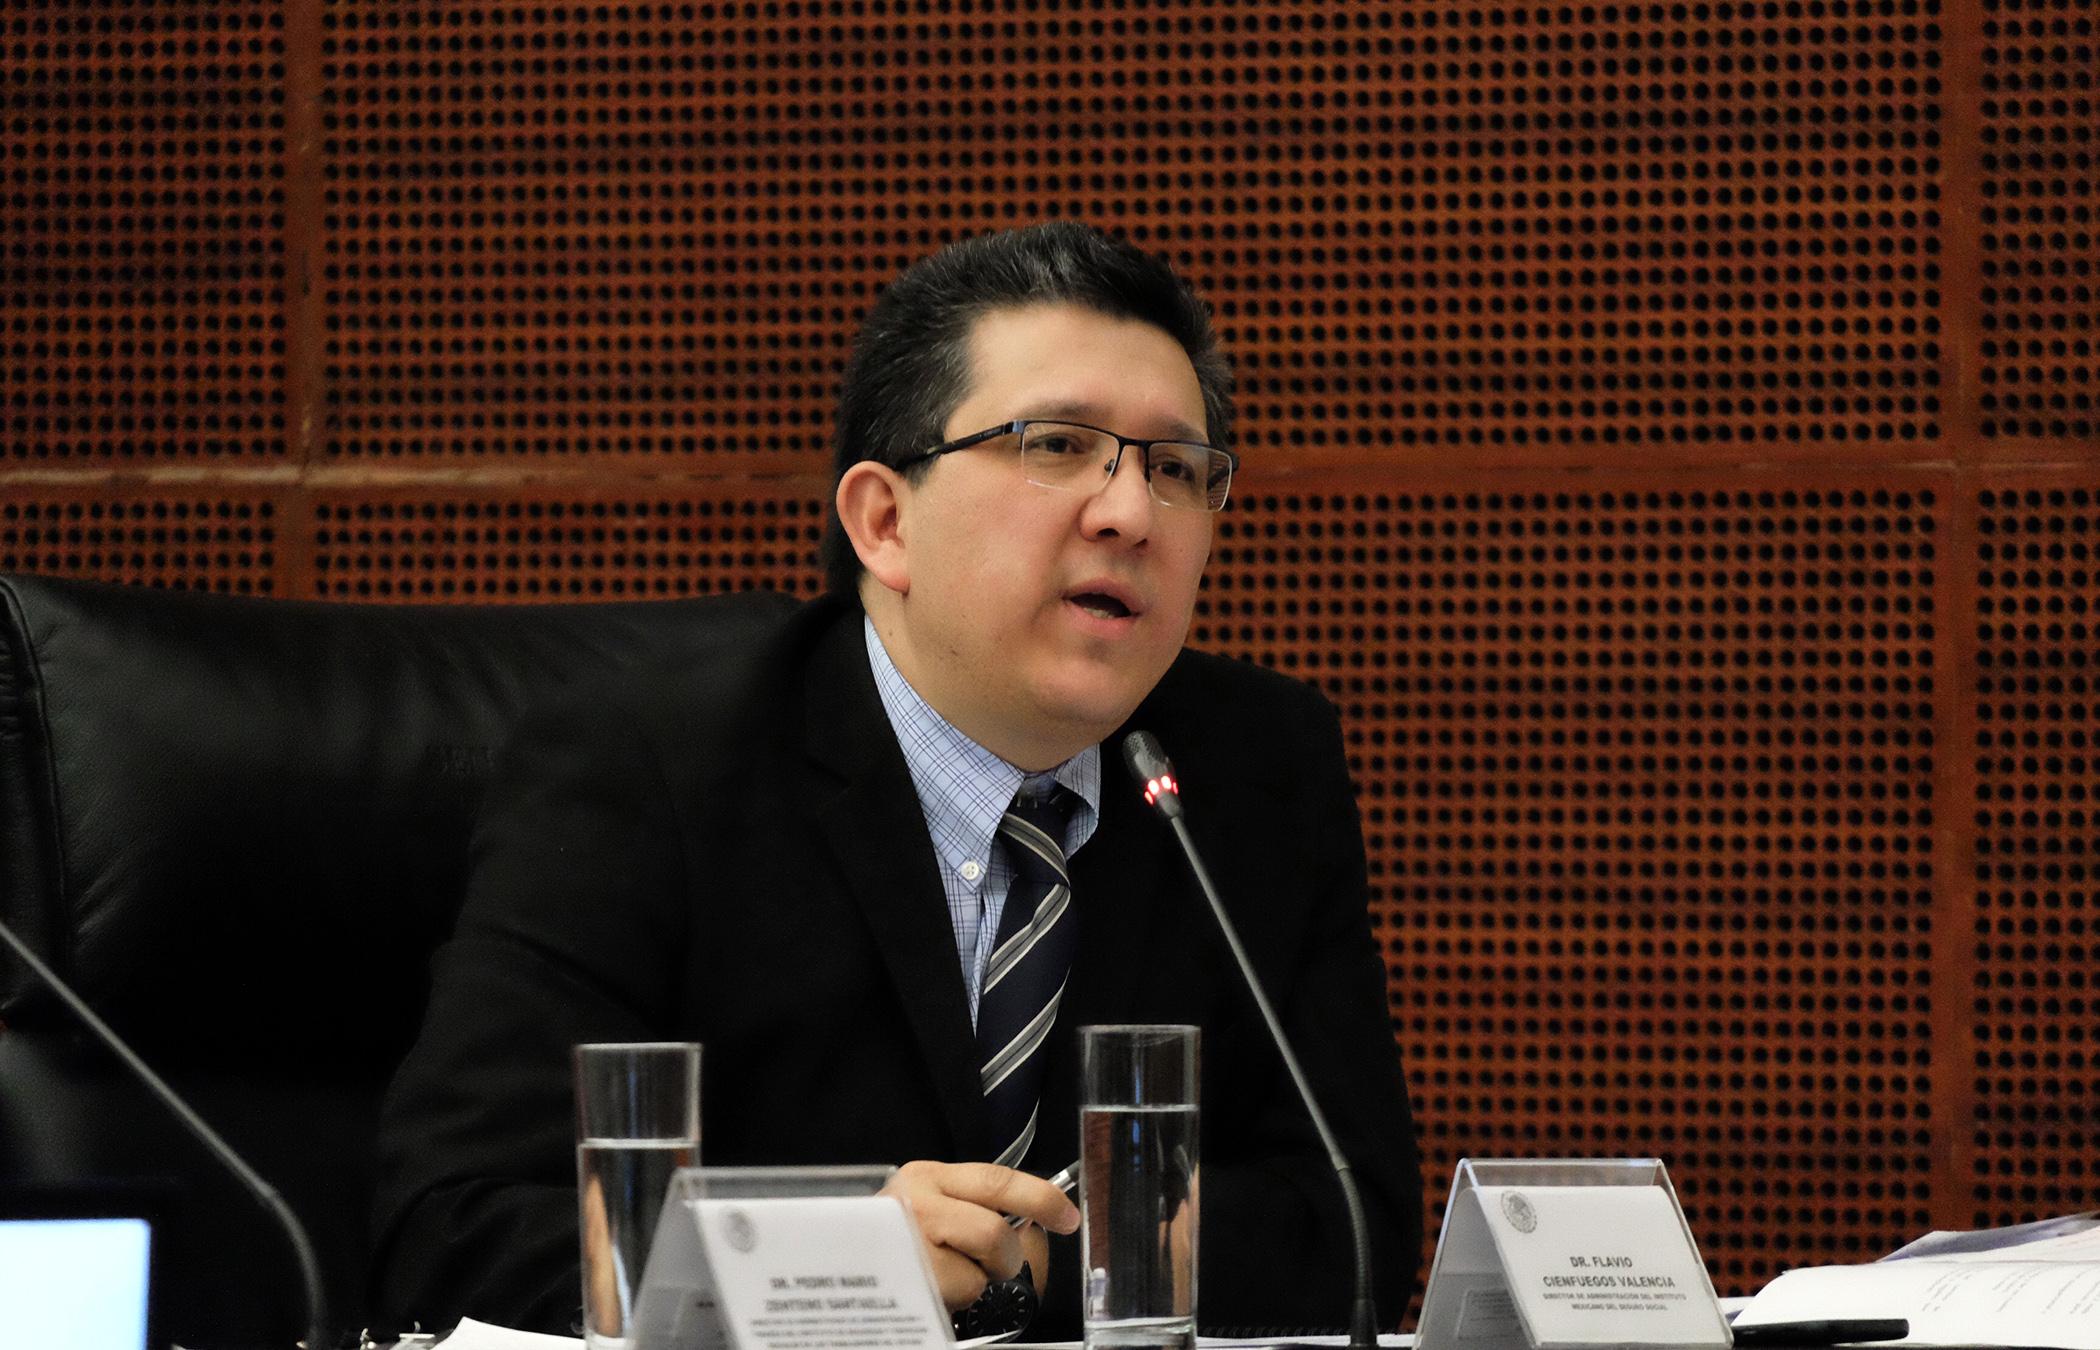 El IMSS refrenda compromiso para consolidar la salud como un bien público